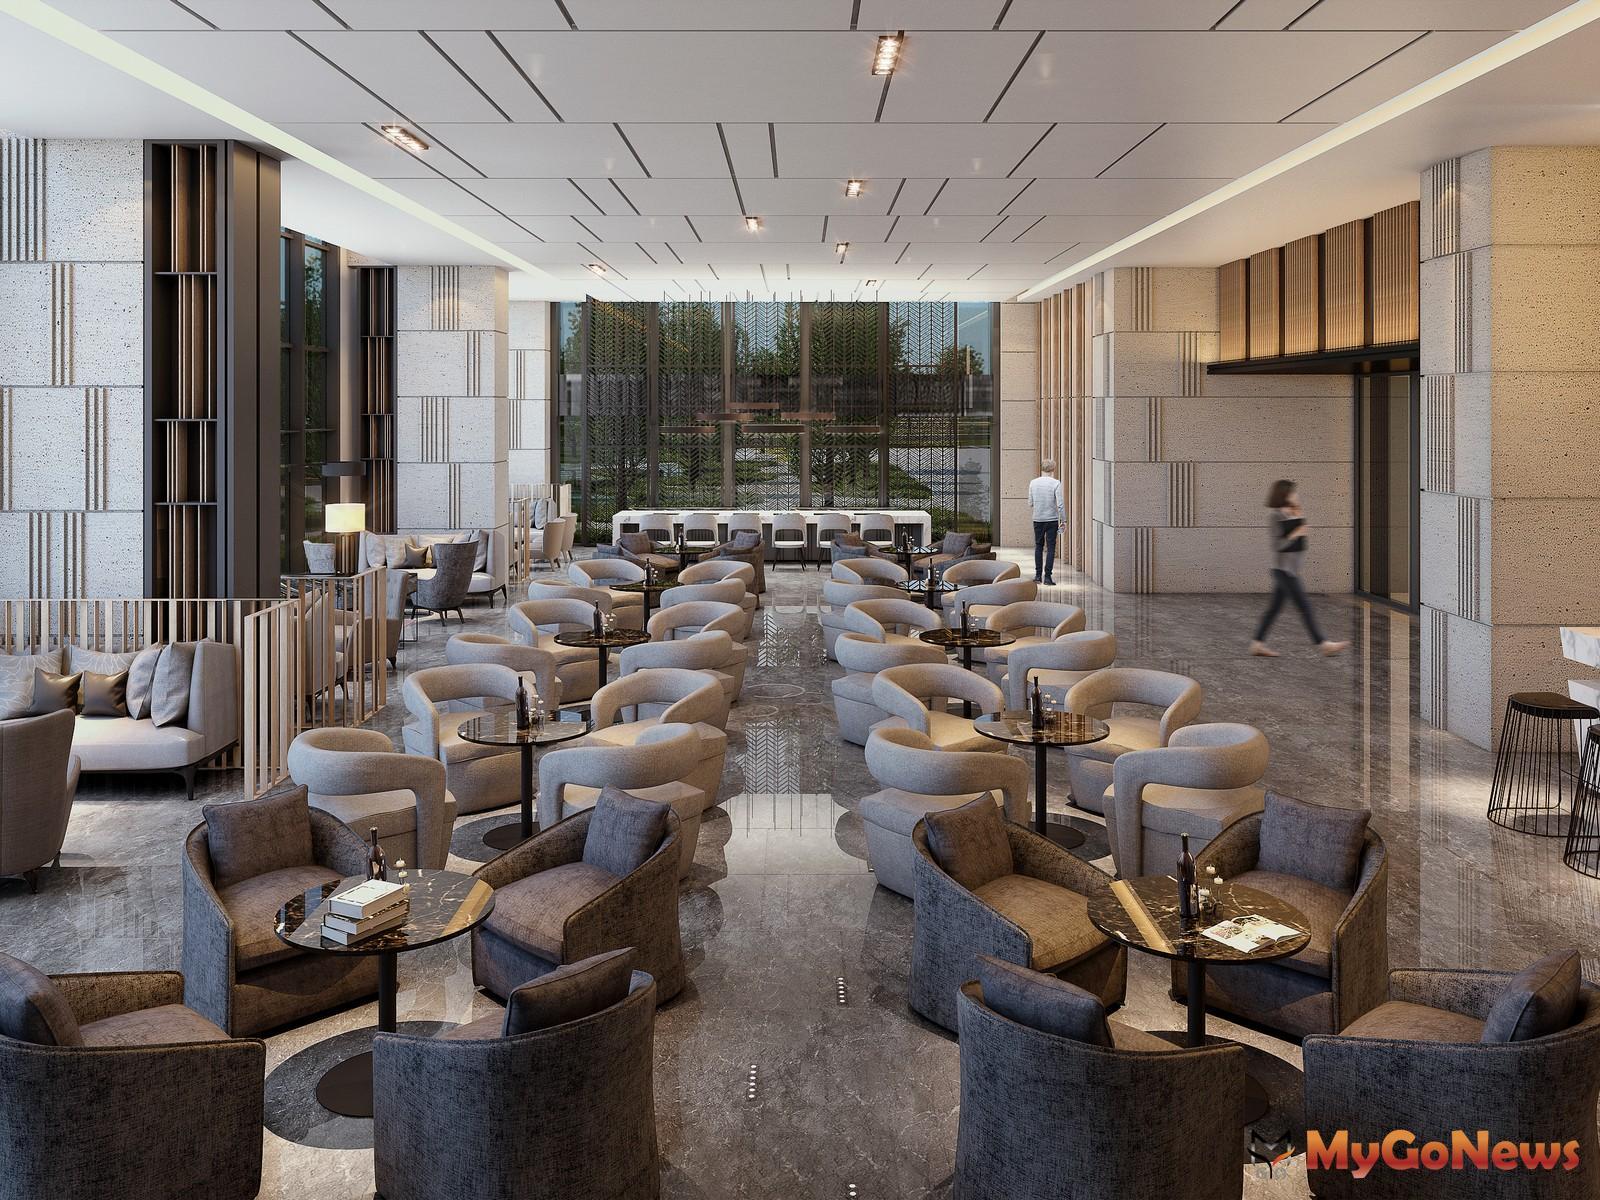 景觀Lounge Bar提供輕食、飲品,享受飯店式的禮遇生活。圖/ 興富發提供 MyGoNews房地產新聞 熱銷推案